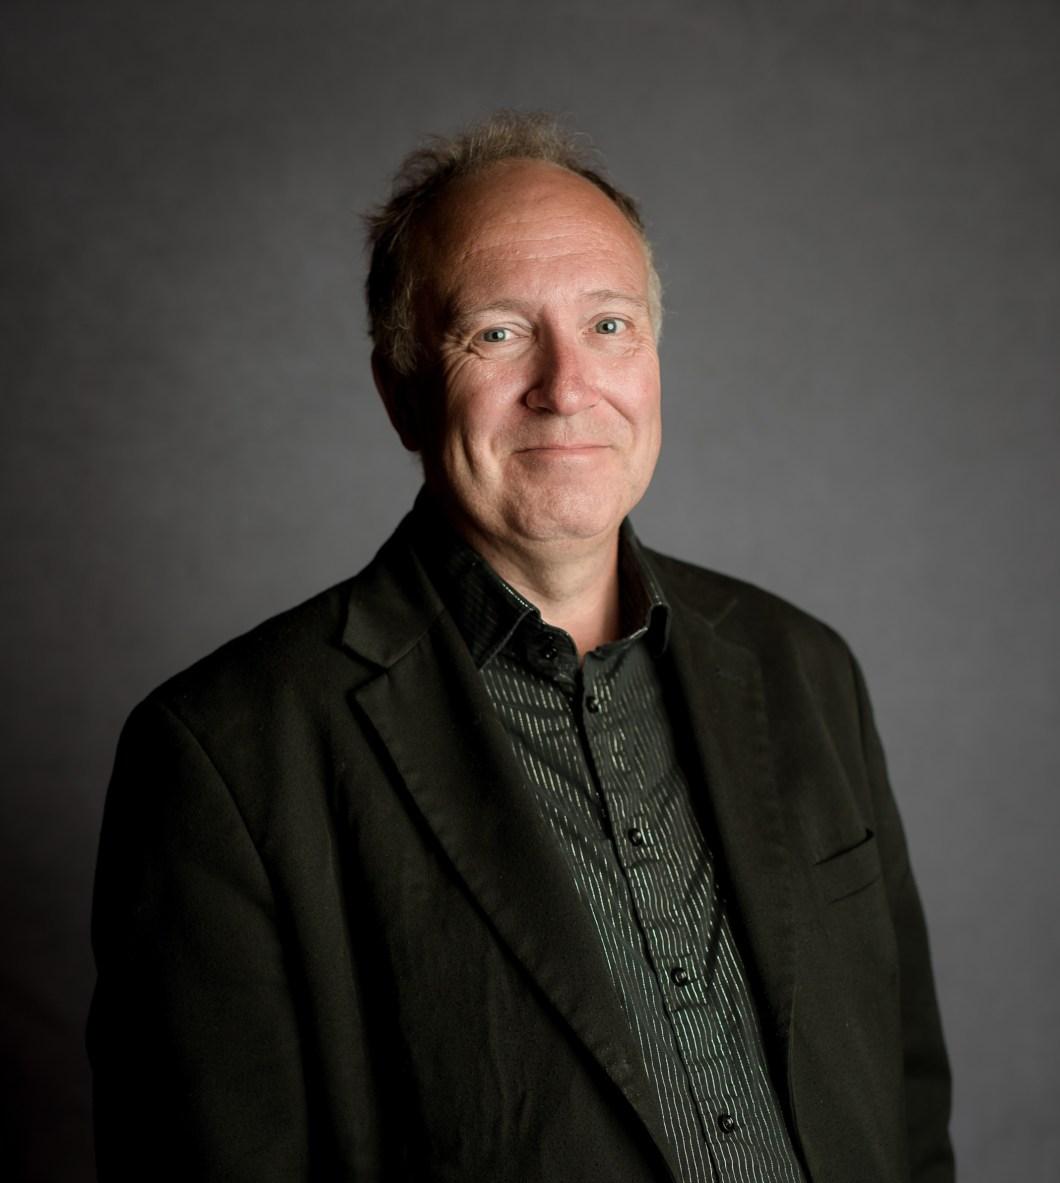 Mark Linton – On the Mark